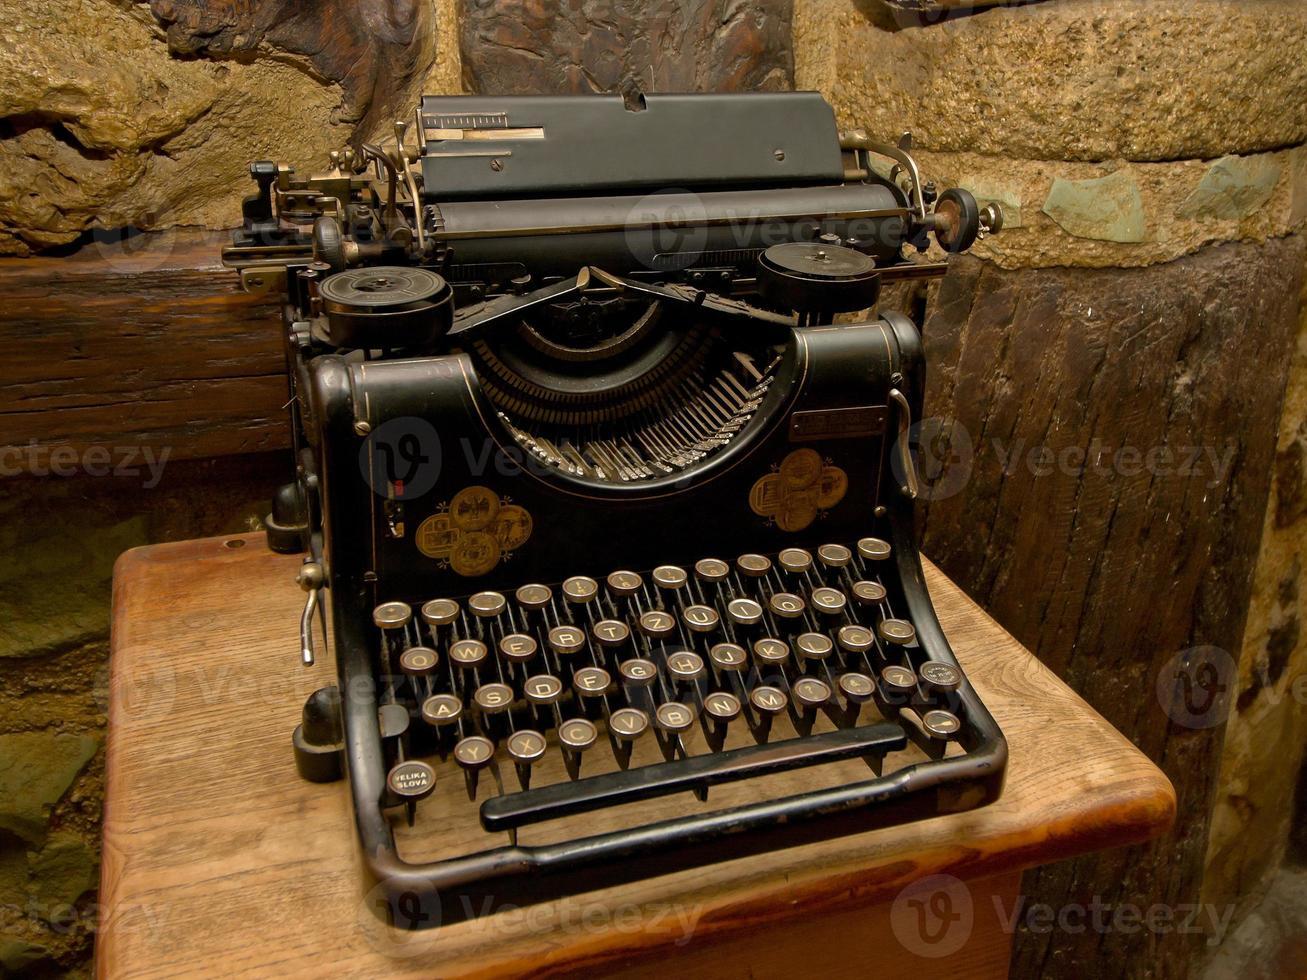 Old Black Typewriter photo